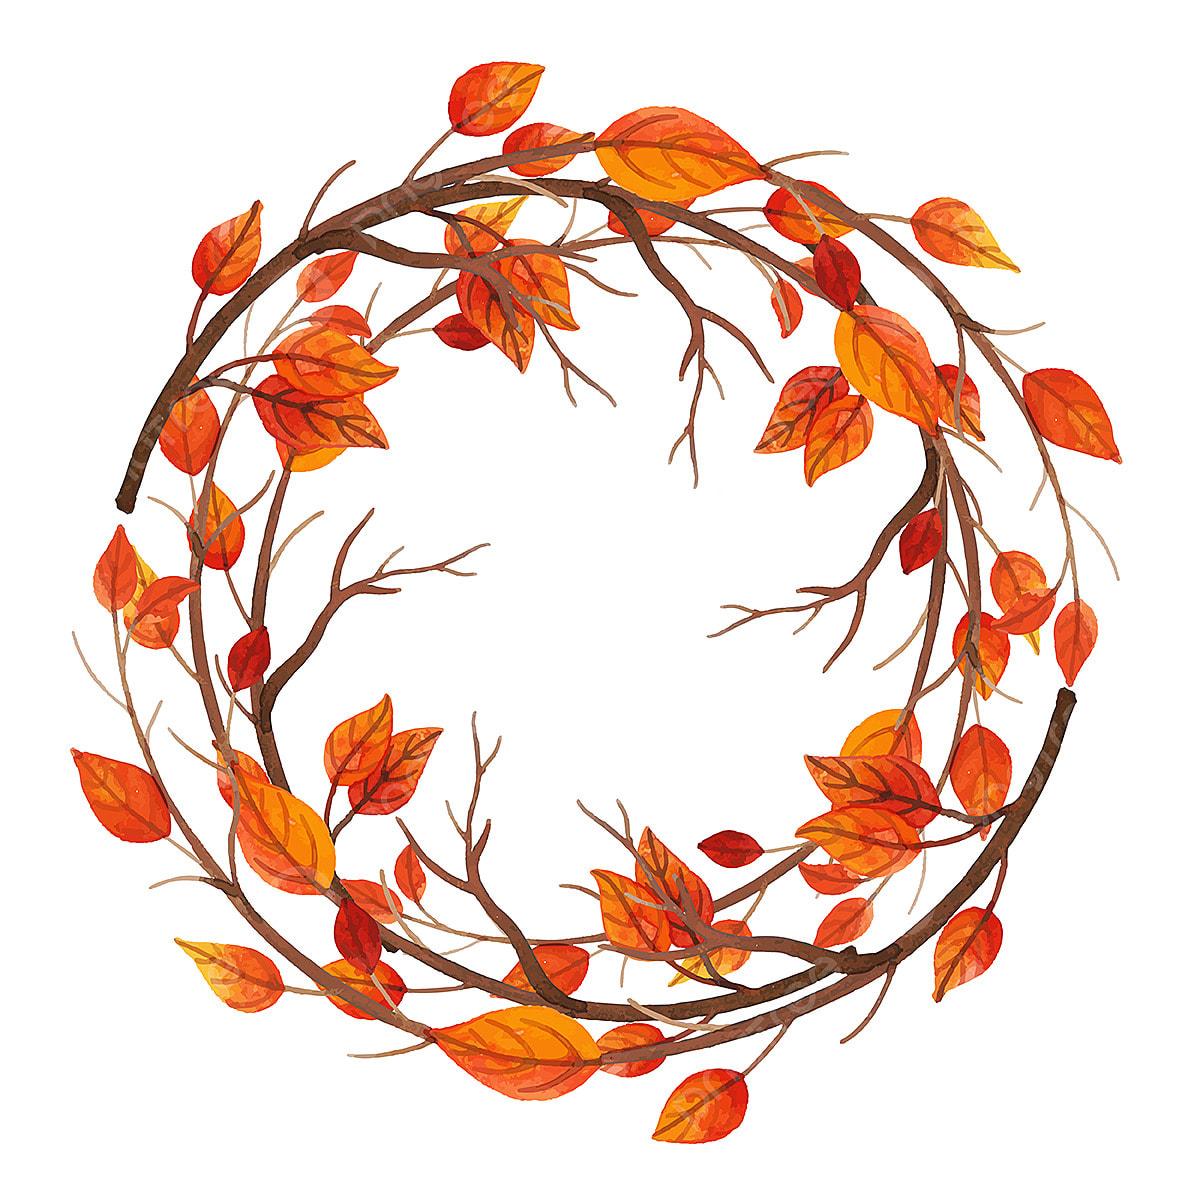 Resumen arte oto o png y vector para descargar gratis - Descargar autumn leaves ...